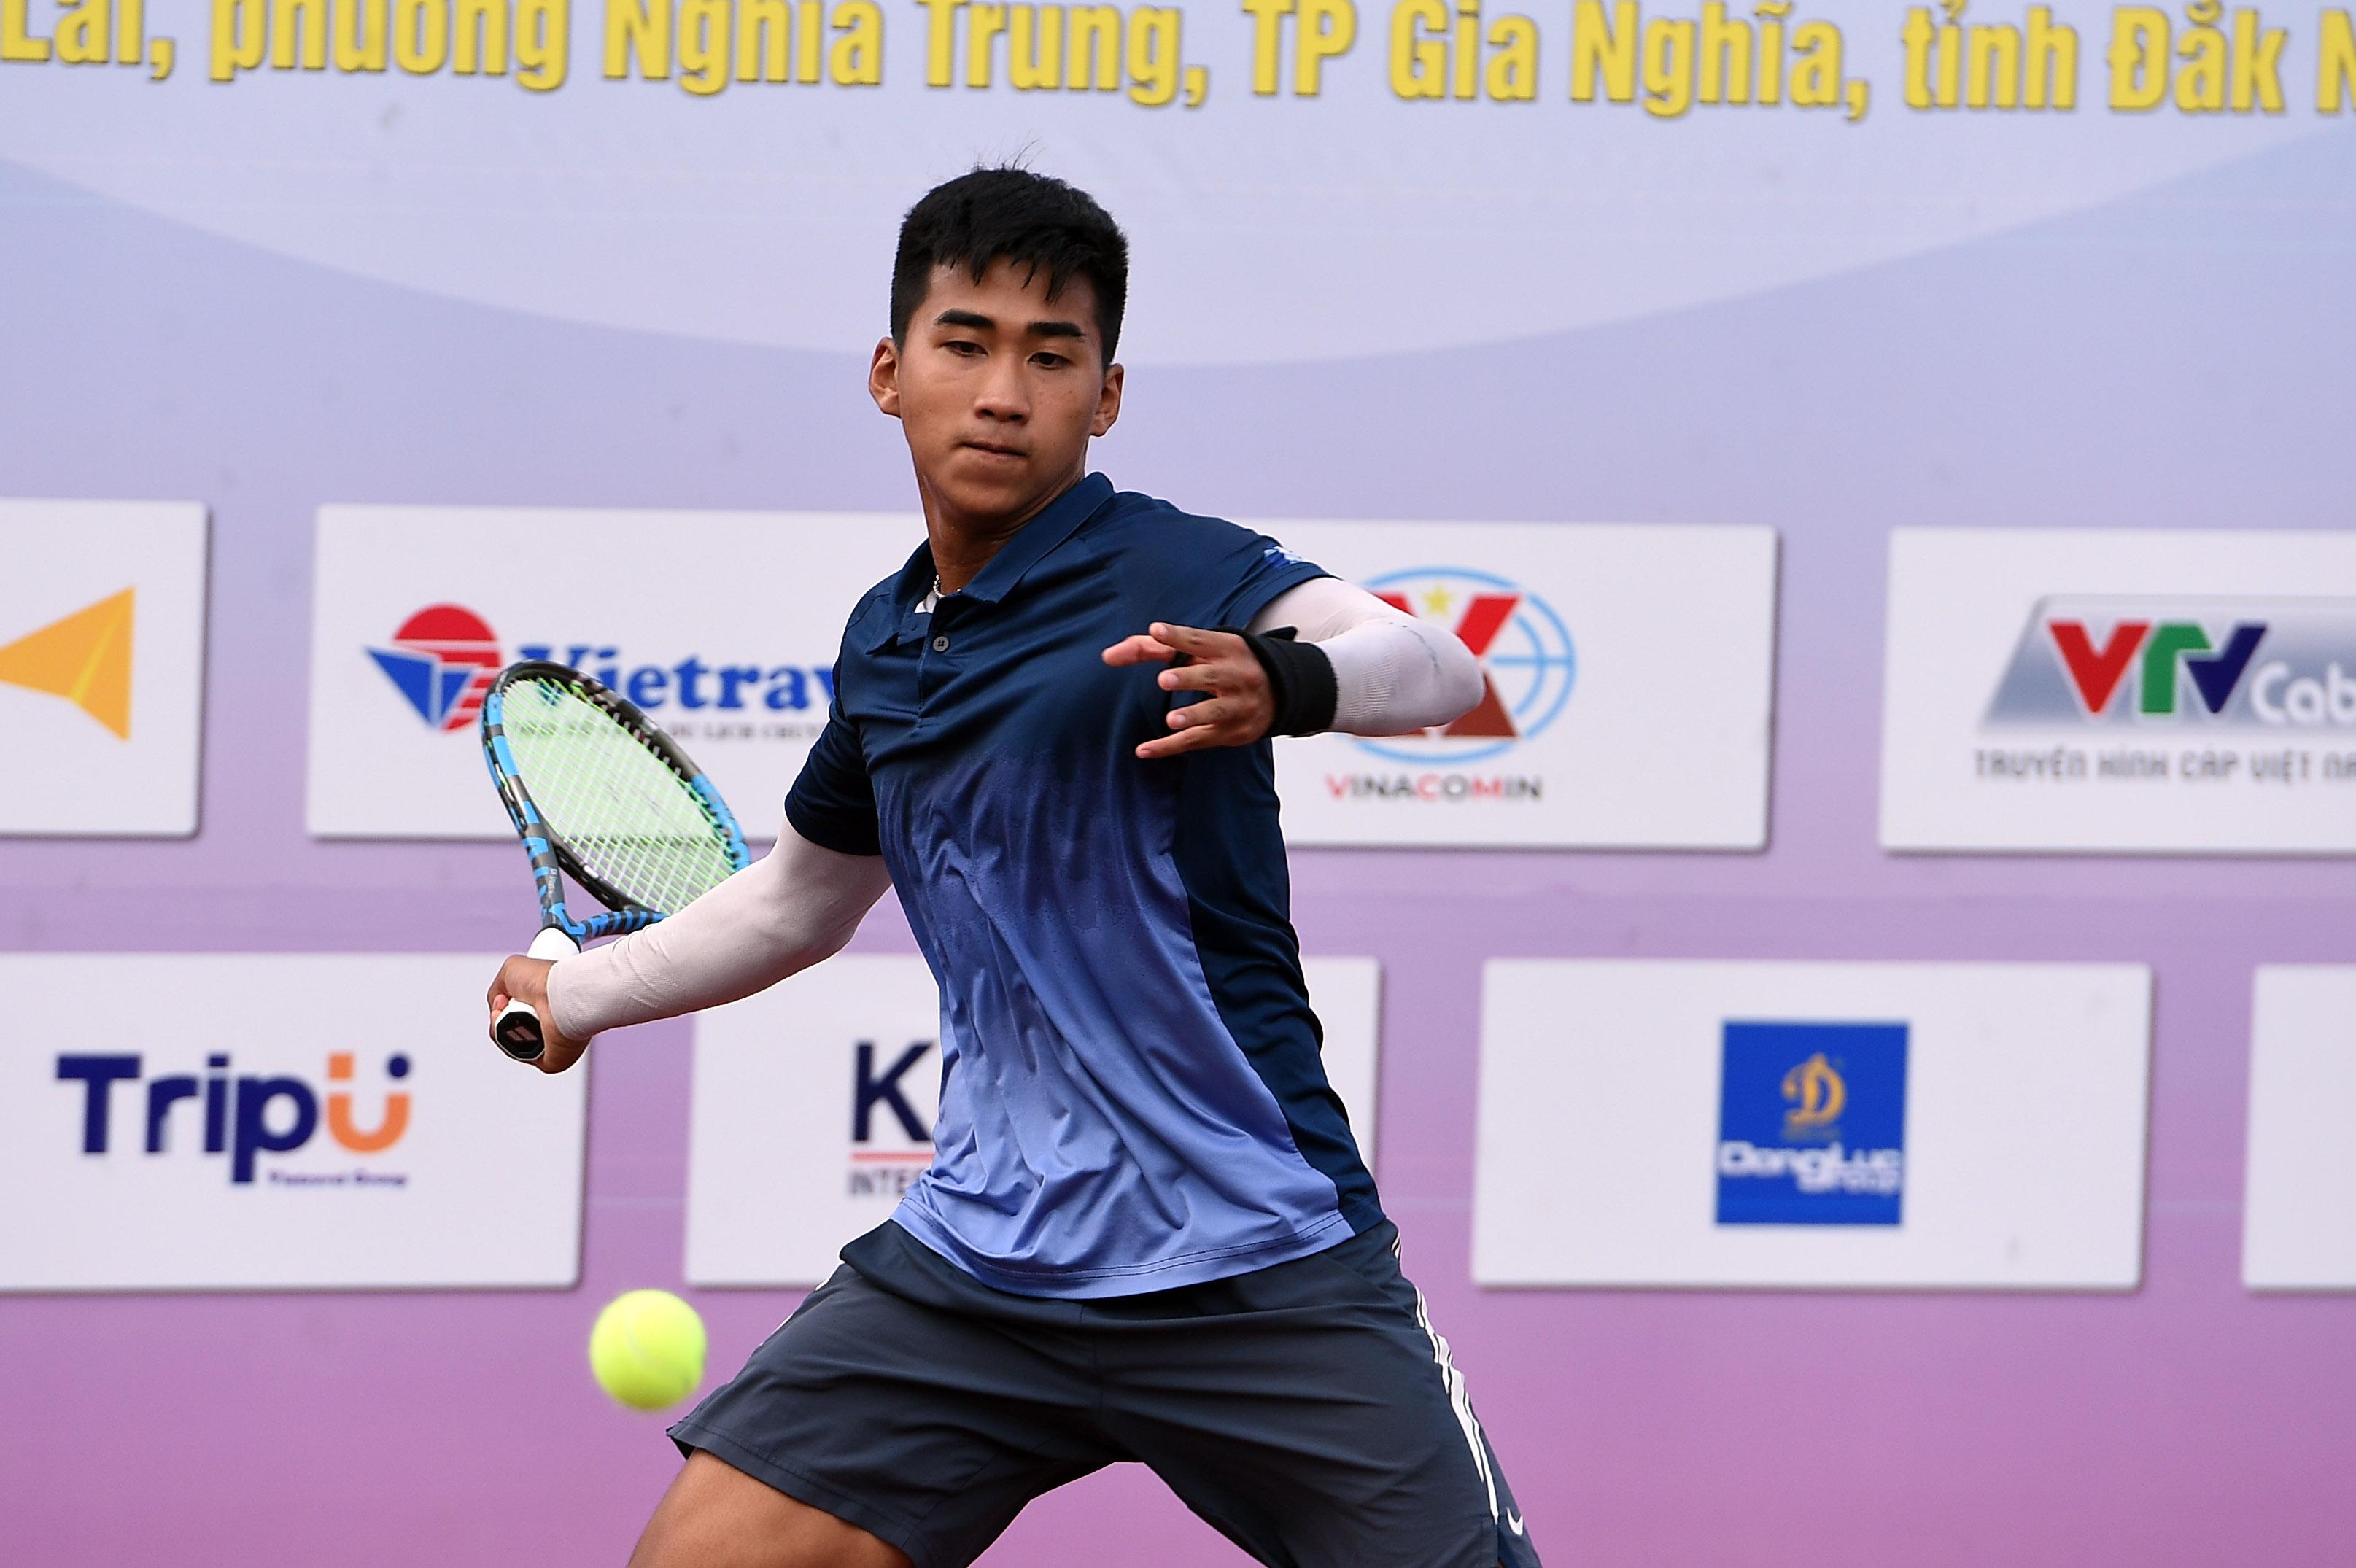 Hình ảnh: Giải quần vợt vô địch đồng đội Quốc gia 2021 kết thúc thành công tốt đẹp số 1